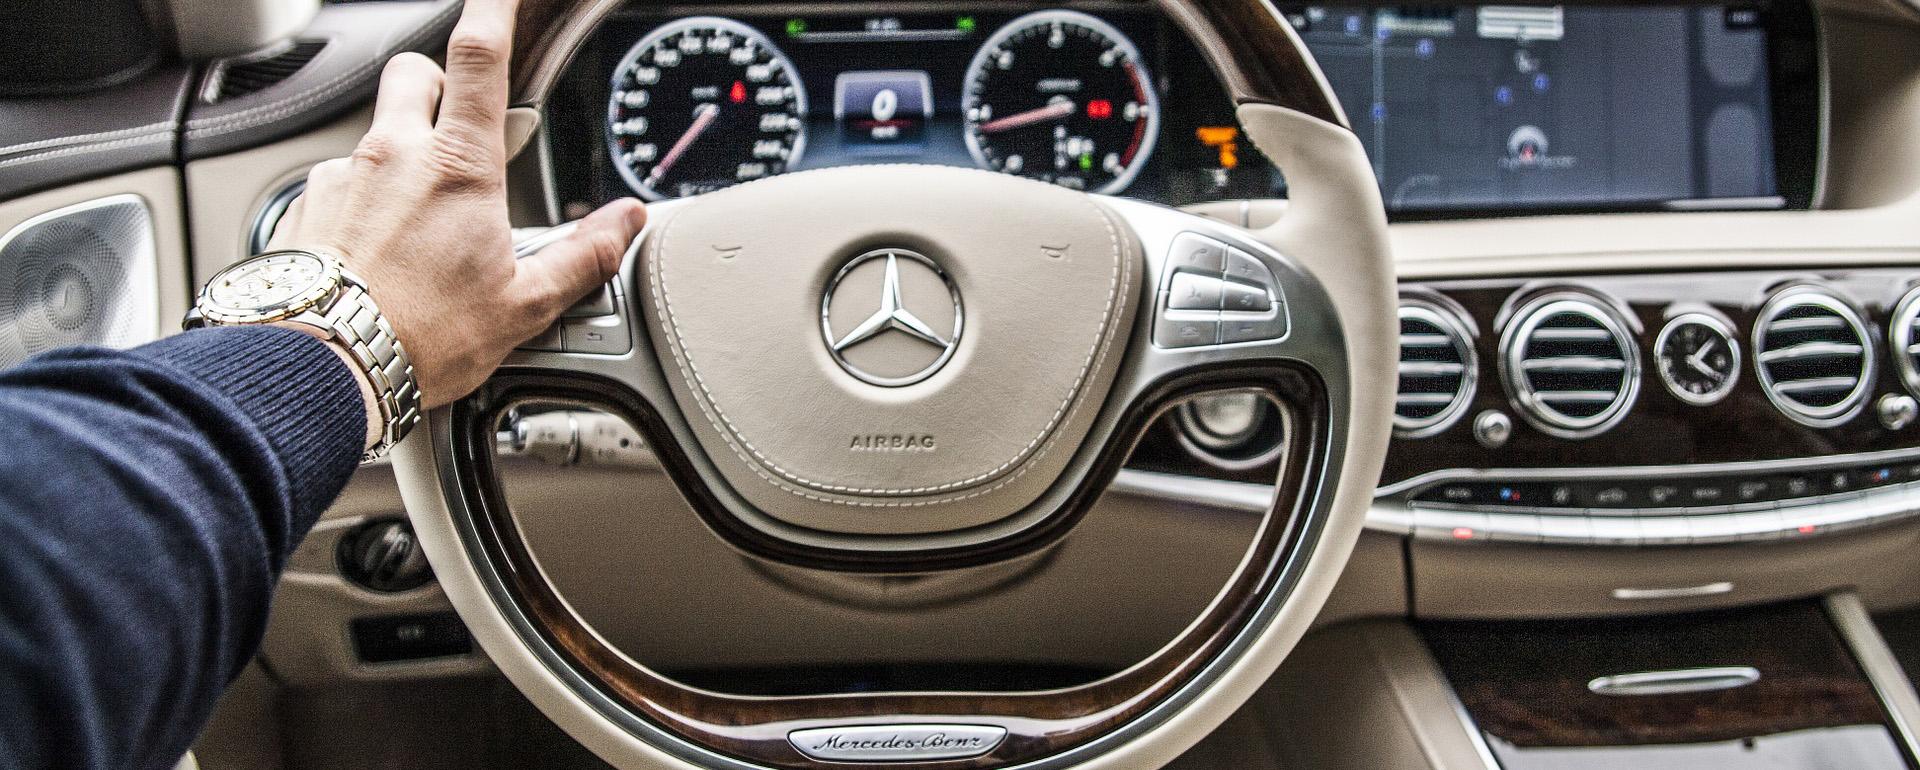 C mo se maneja un carro autom tico en cinco sencillos pasos for Como se abre un cajero automatico